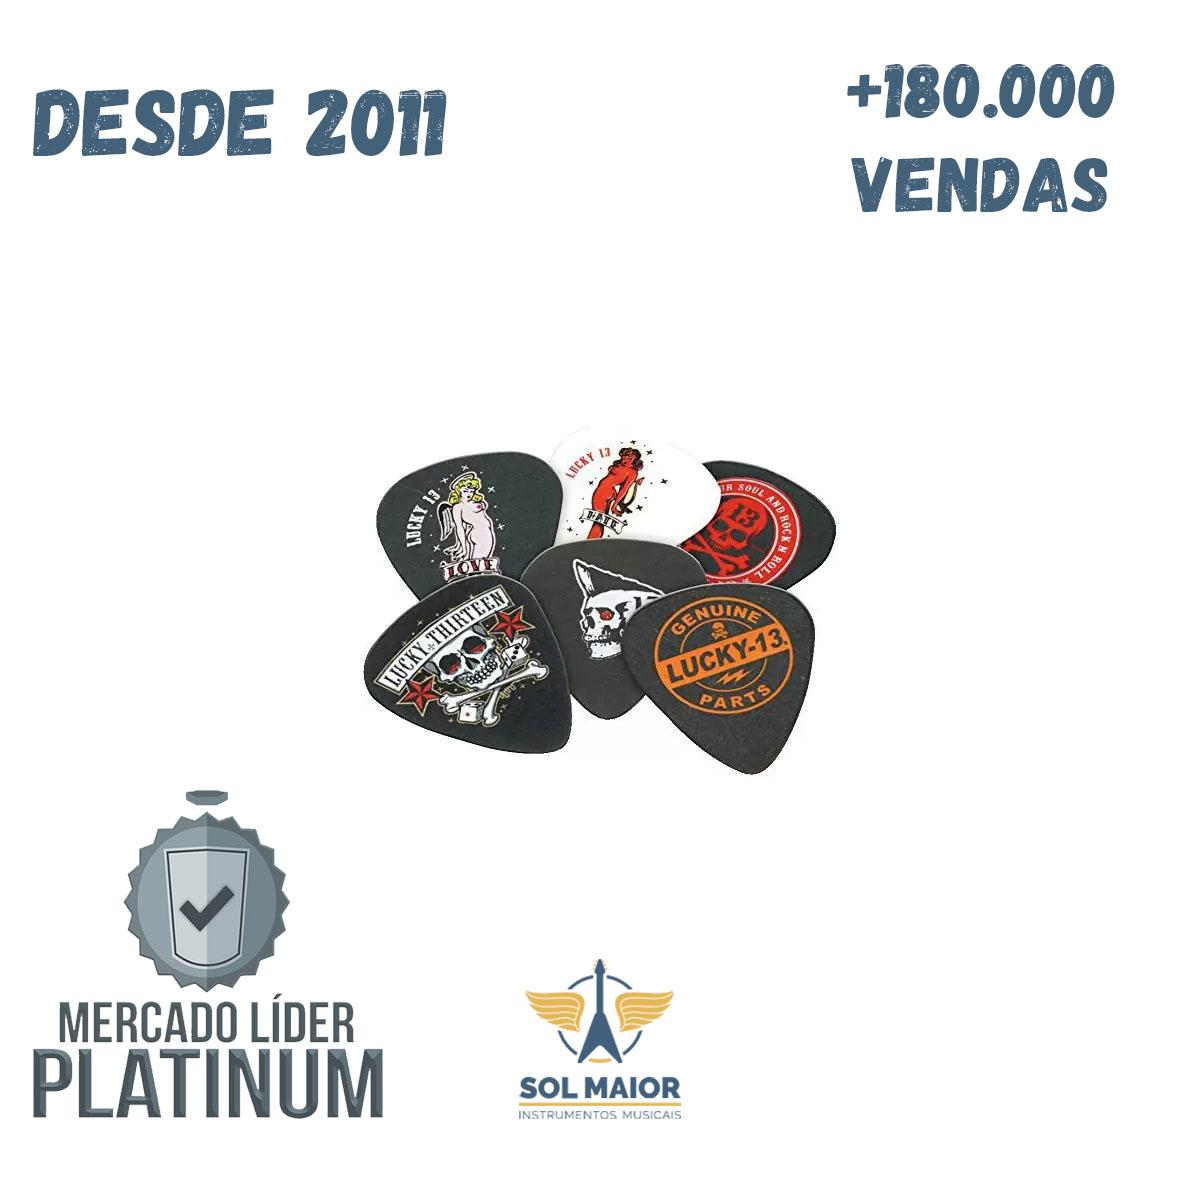 Palheta 1mm Lucky 13  Pct C/6 L13bp1.0 - Dunlop